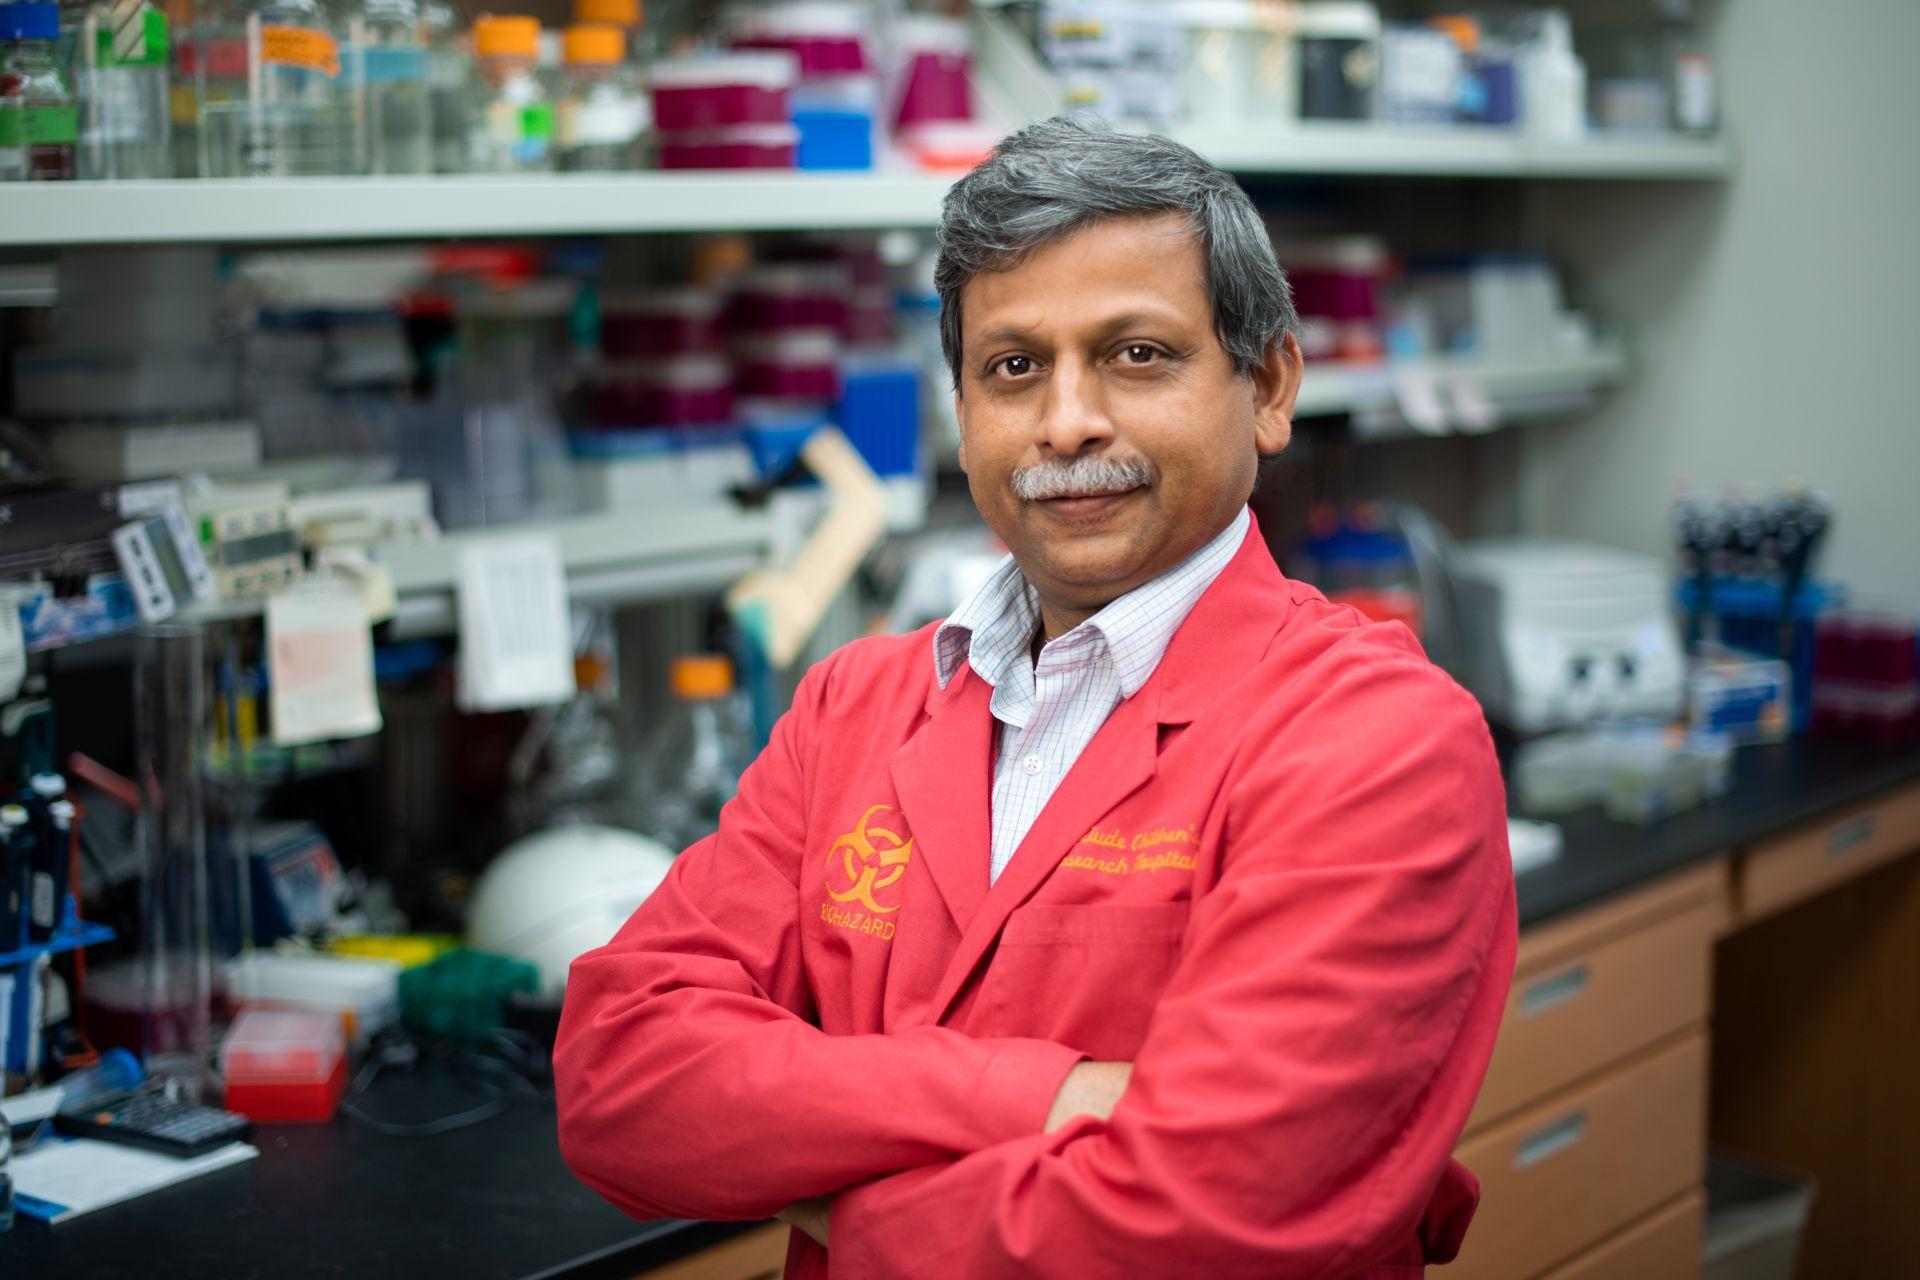 Subrata Barman, PhD